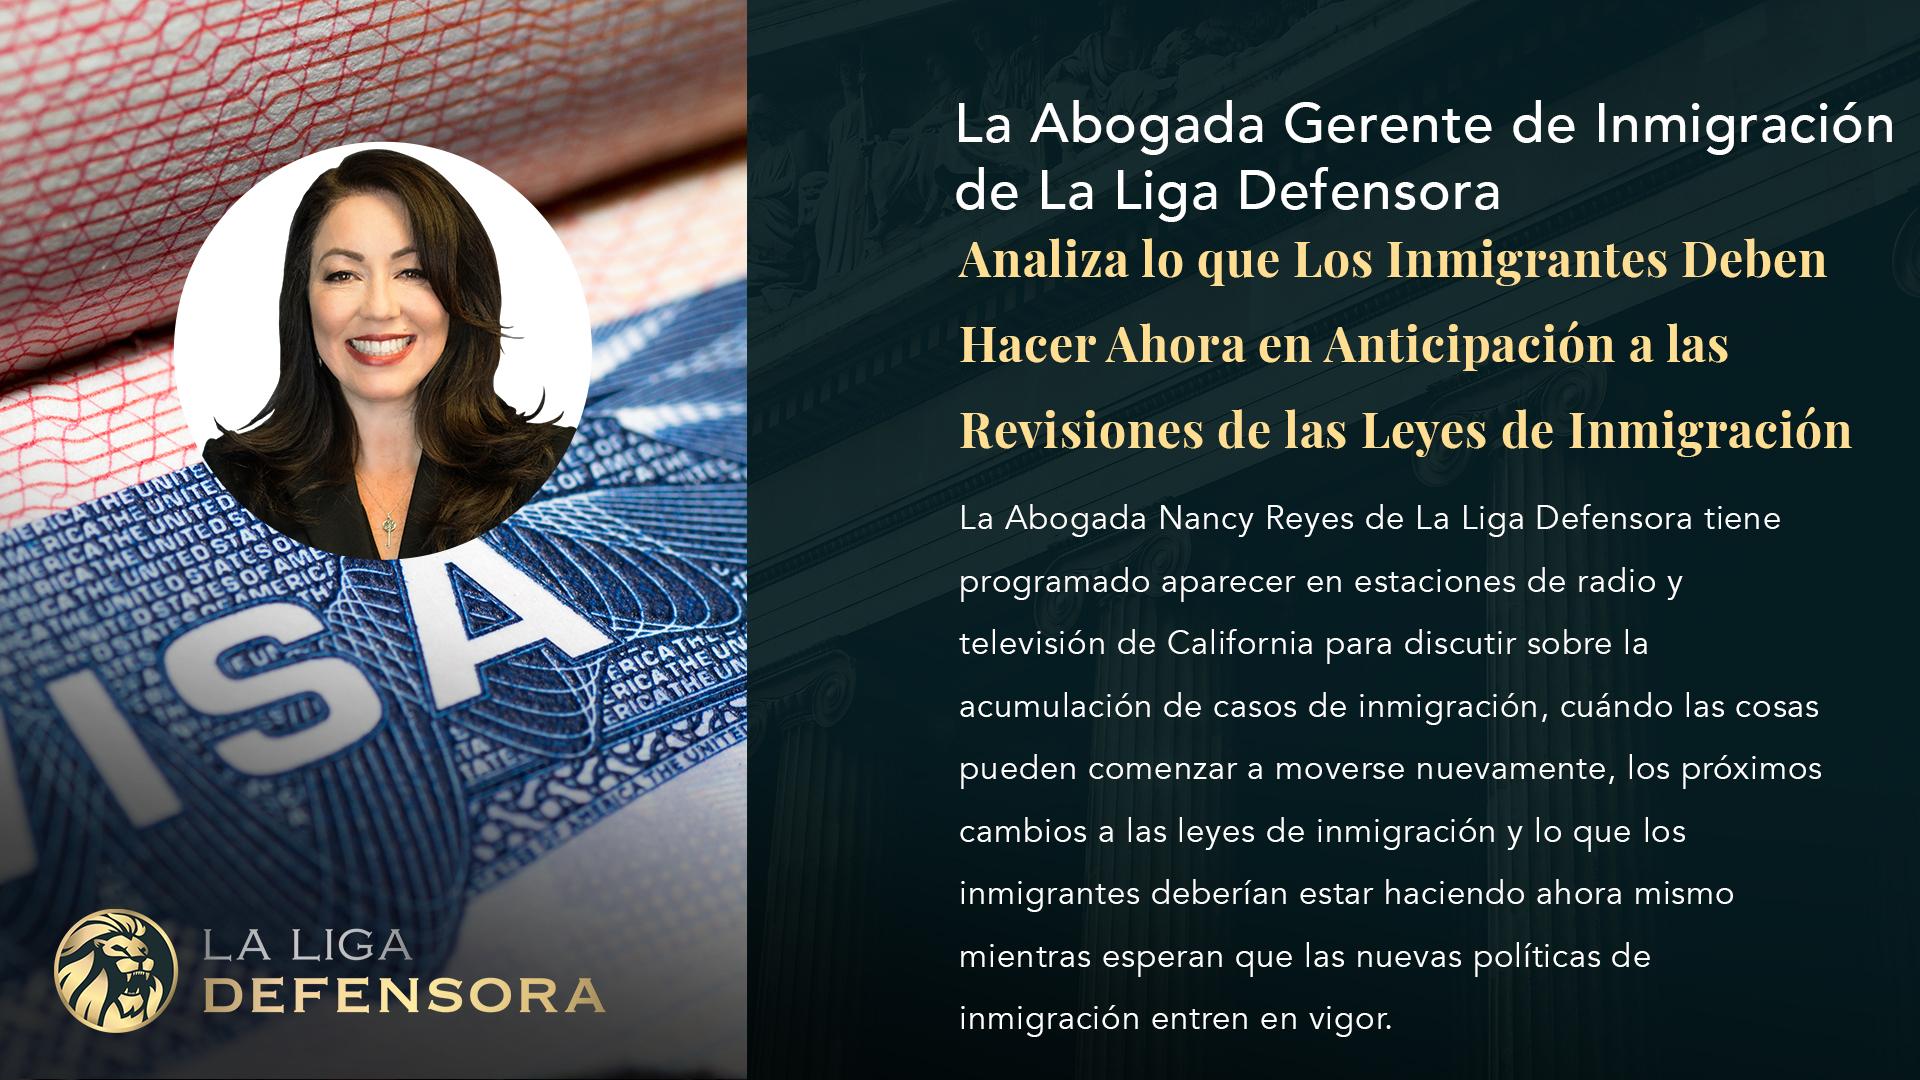 La Abogada Administradora de Inmigración de La Liga Defensora, Nancy Reyes, Analiza lo que Los Inmigrantes Deben Hacer Ahora en Anticipación a las Revisiones de las Leyes de Inmigración.